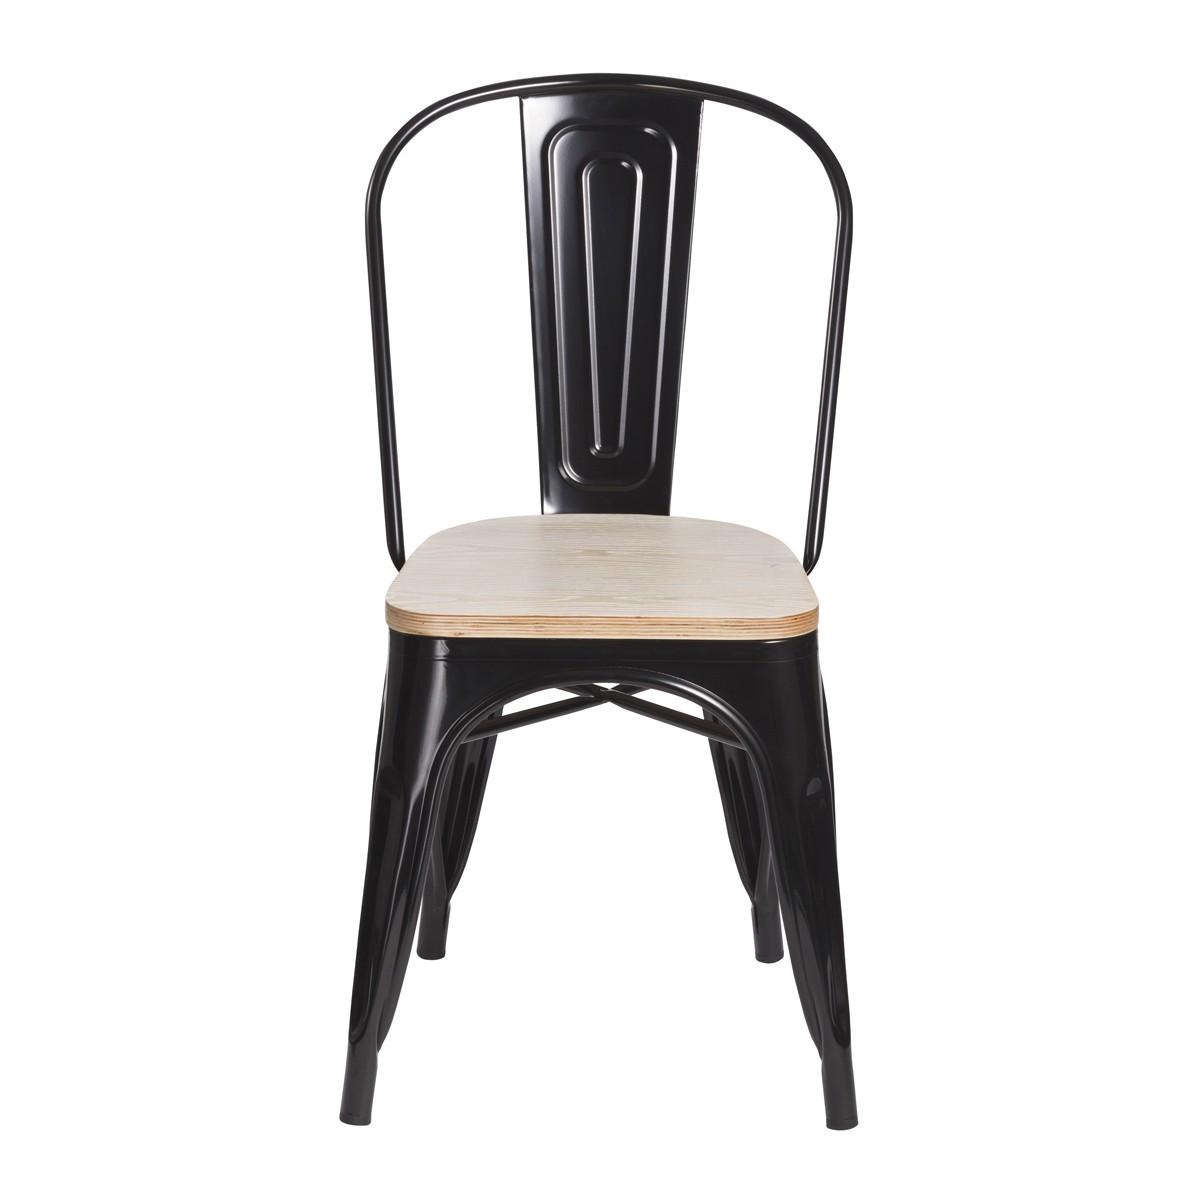 Chaise factory noire et bois lot de 2 koya design - Chaise noire et bois ...